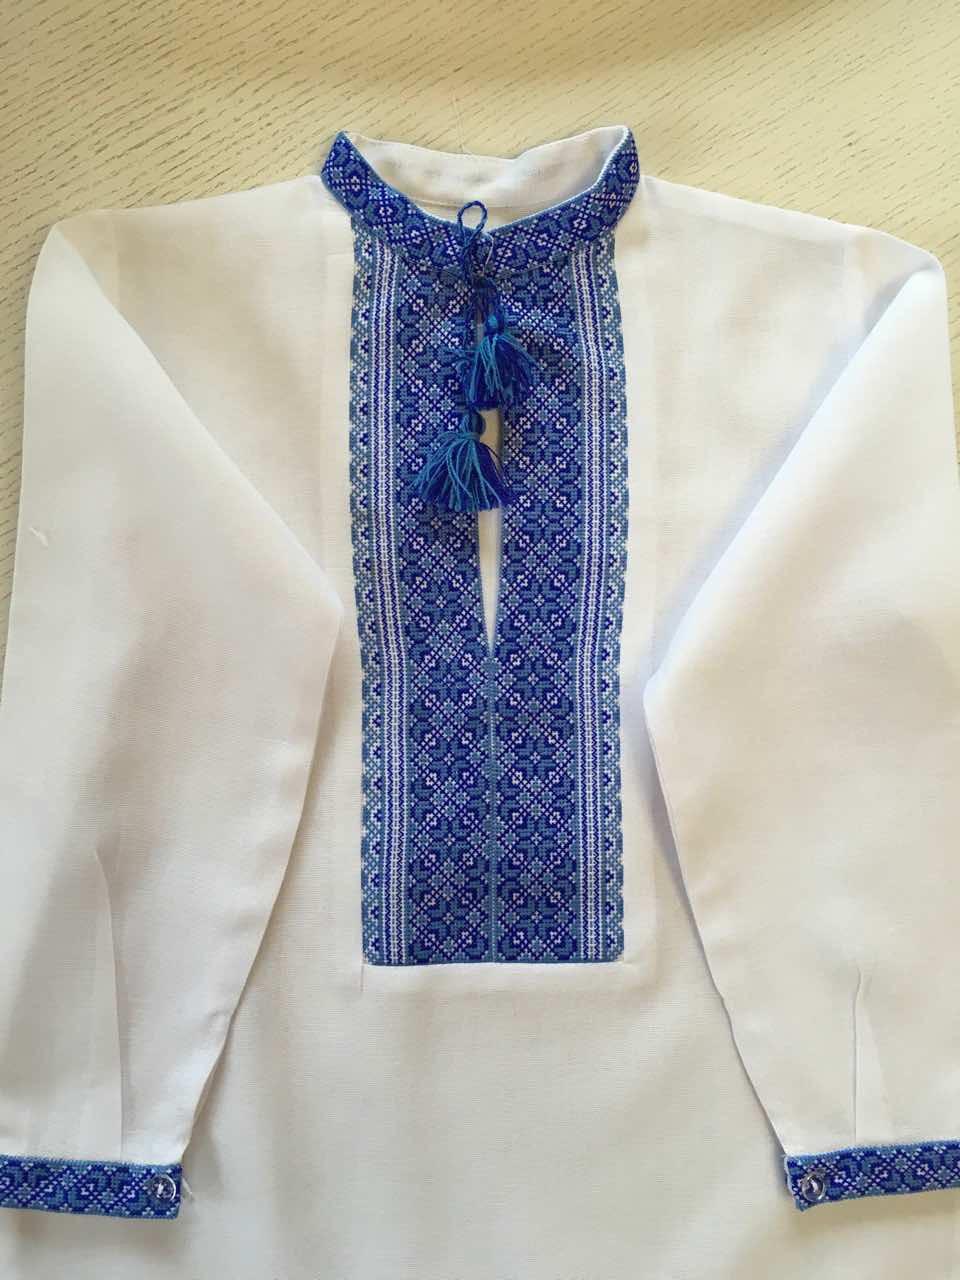 Біла вишита сорочка для хлопчика 5-6 років  продажа 000ff8f403146